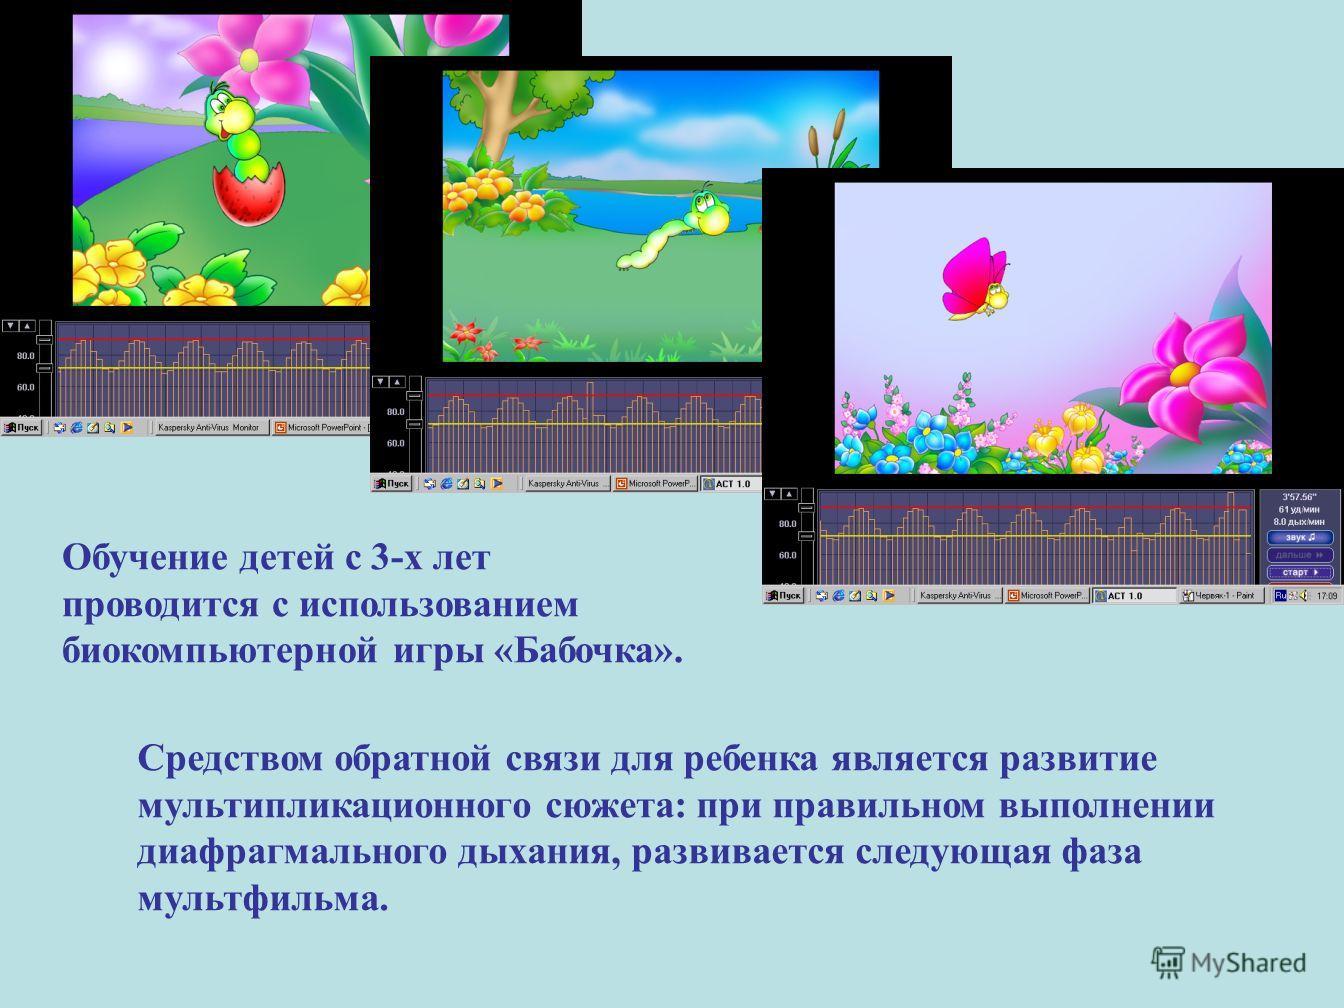 Обучение детей с 3-х лет проводится с использованием биокомпьютерной игры «Бабочка». Средством обратной связи для ребенка является развитие мультипликационного сюжета: при правильном выполнении диафрагмального дыхания, развивается следующая фаза муль